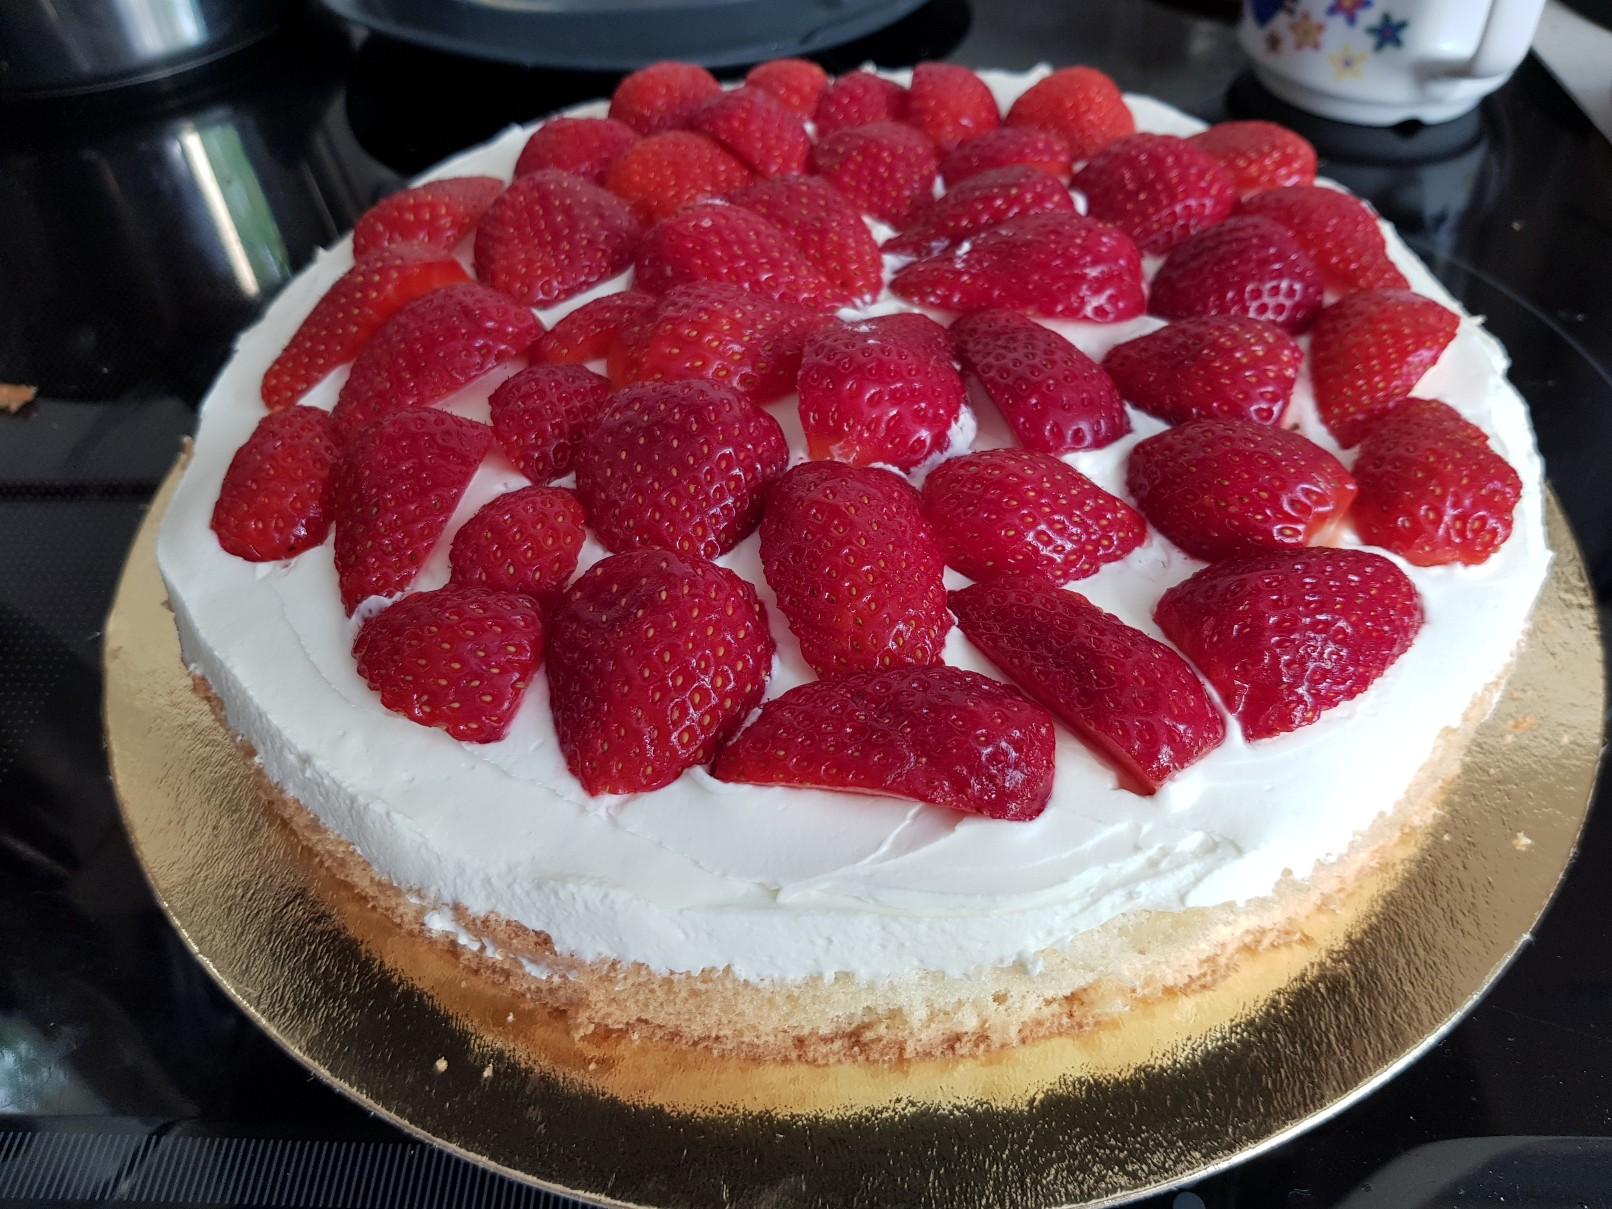 lego ninjago birthday cake filling